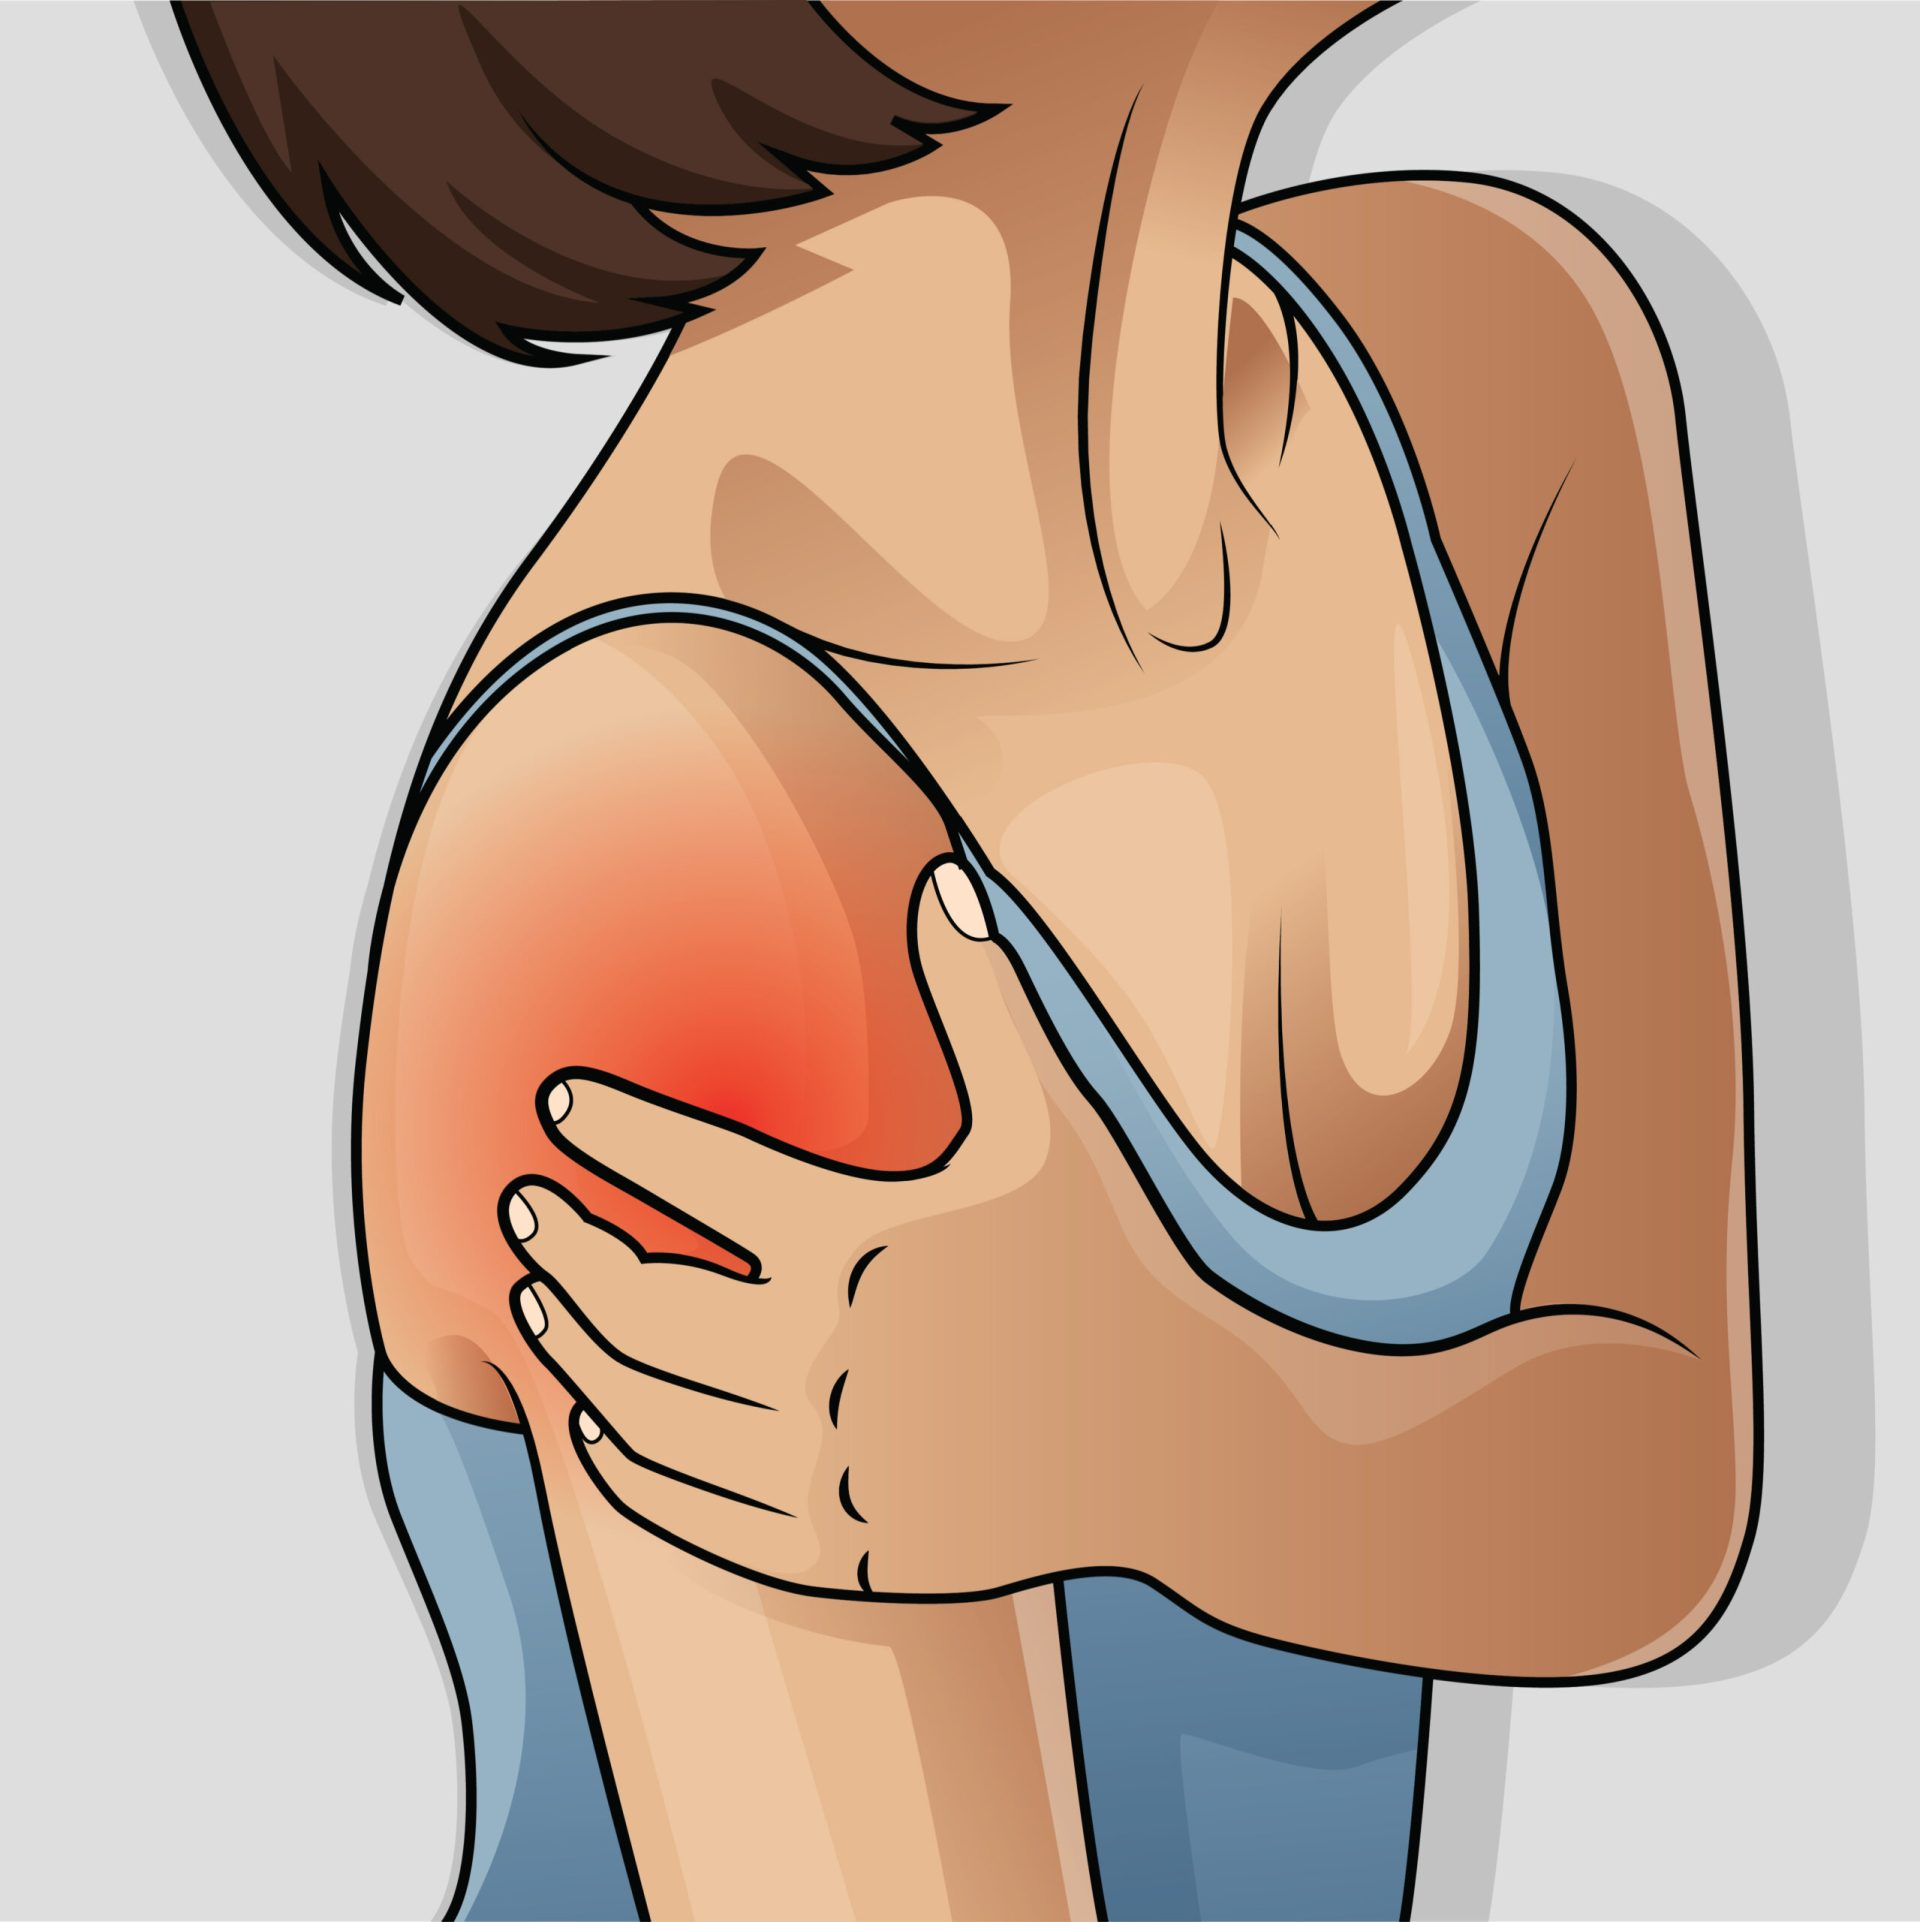 Afecțiunile cardiovasculare, dar și accidentul vascular cerebral, boala Parkinson sau afecțiunile tiroidei pot fi responsabili de bolile de umar. Foto: Shutterstock